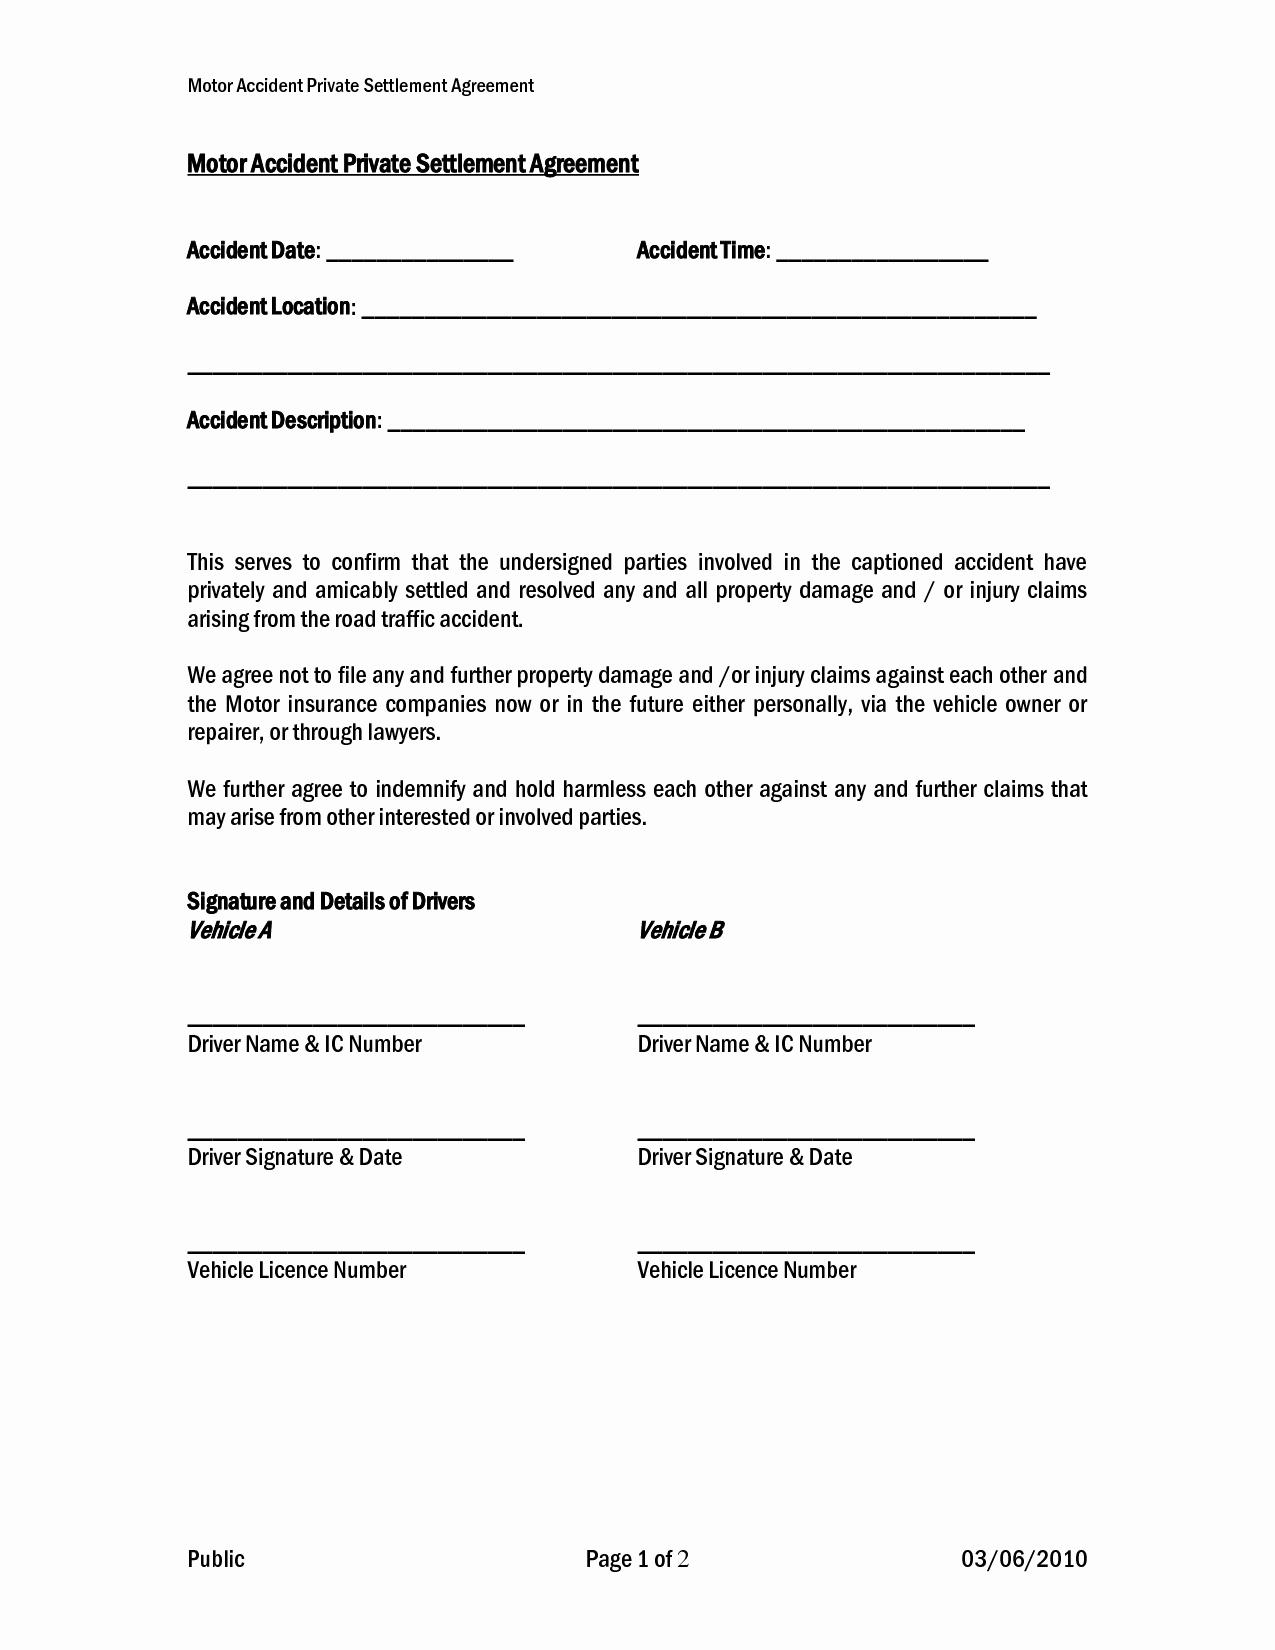 Payment Settlement Agreement Fresh Car Accident Private Settlement Agreement form Templates Doc